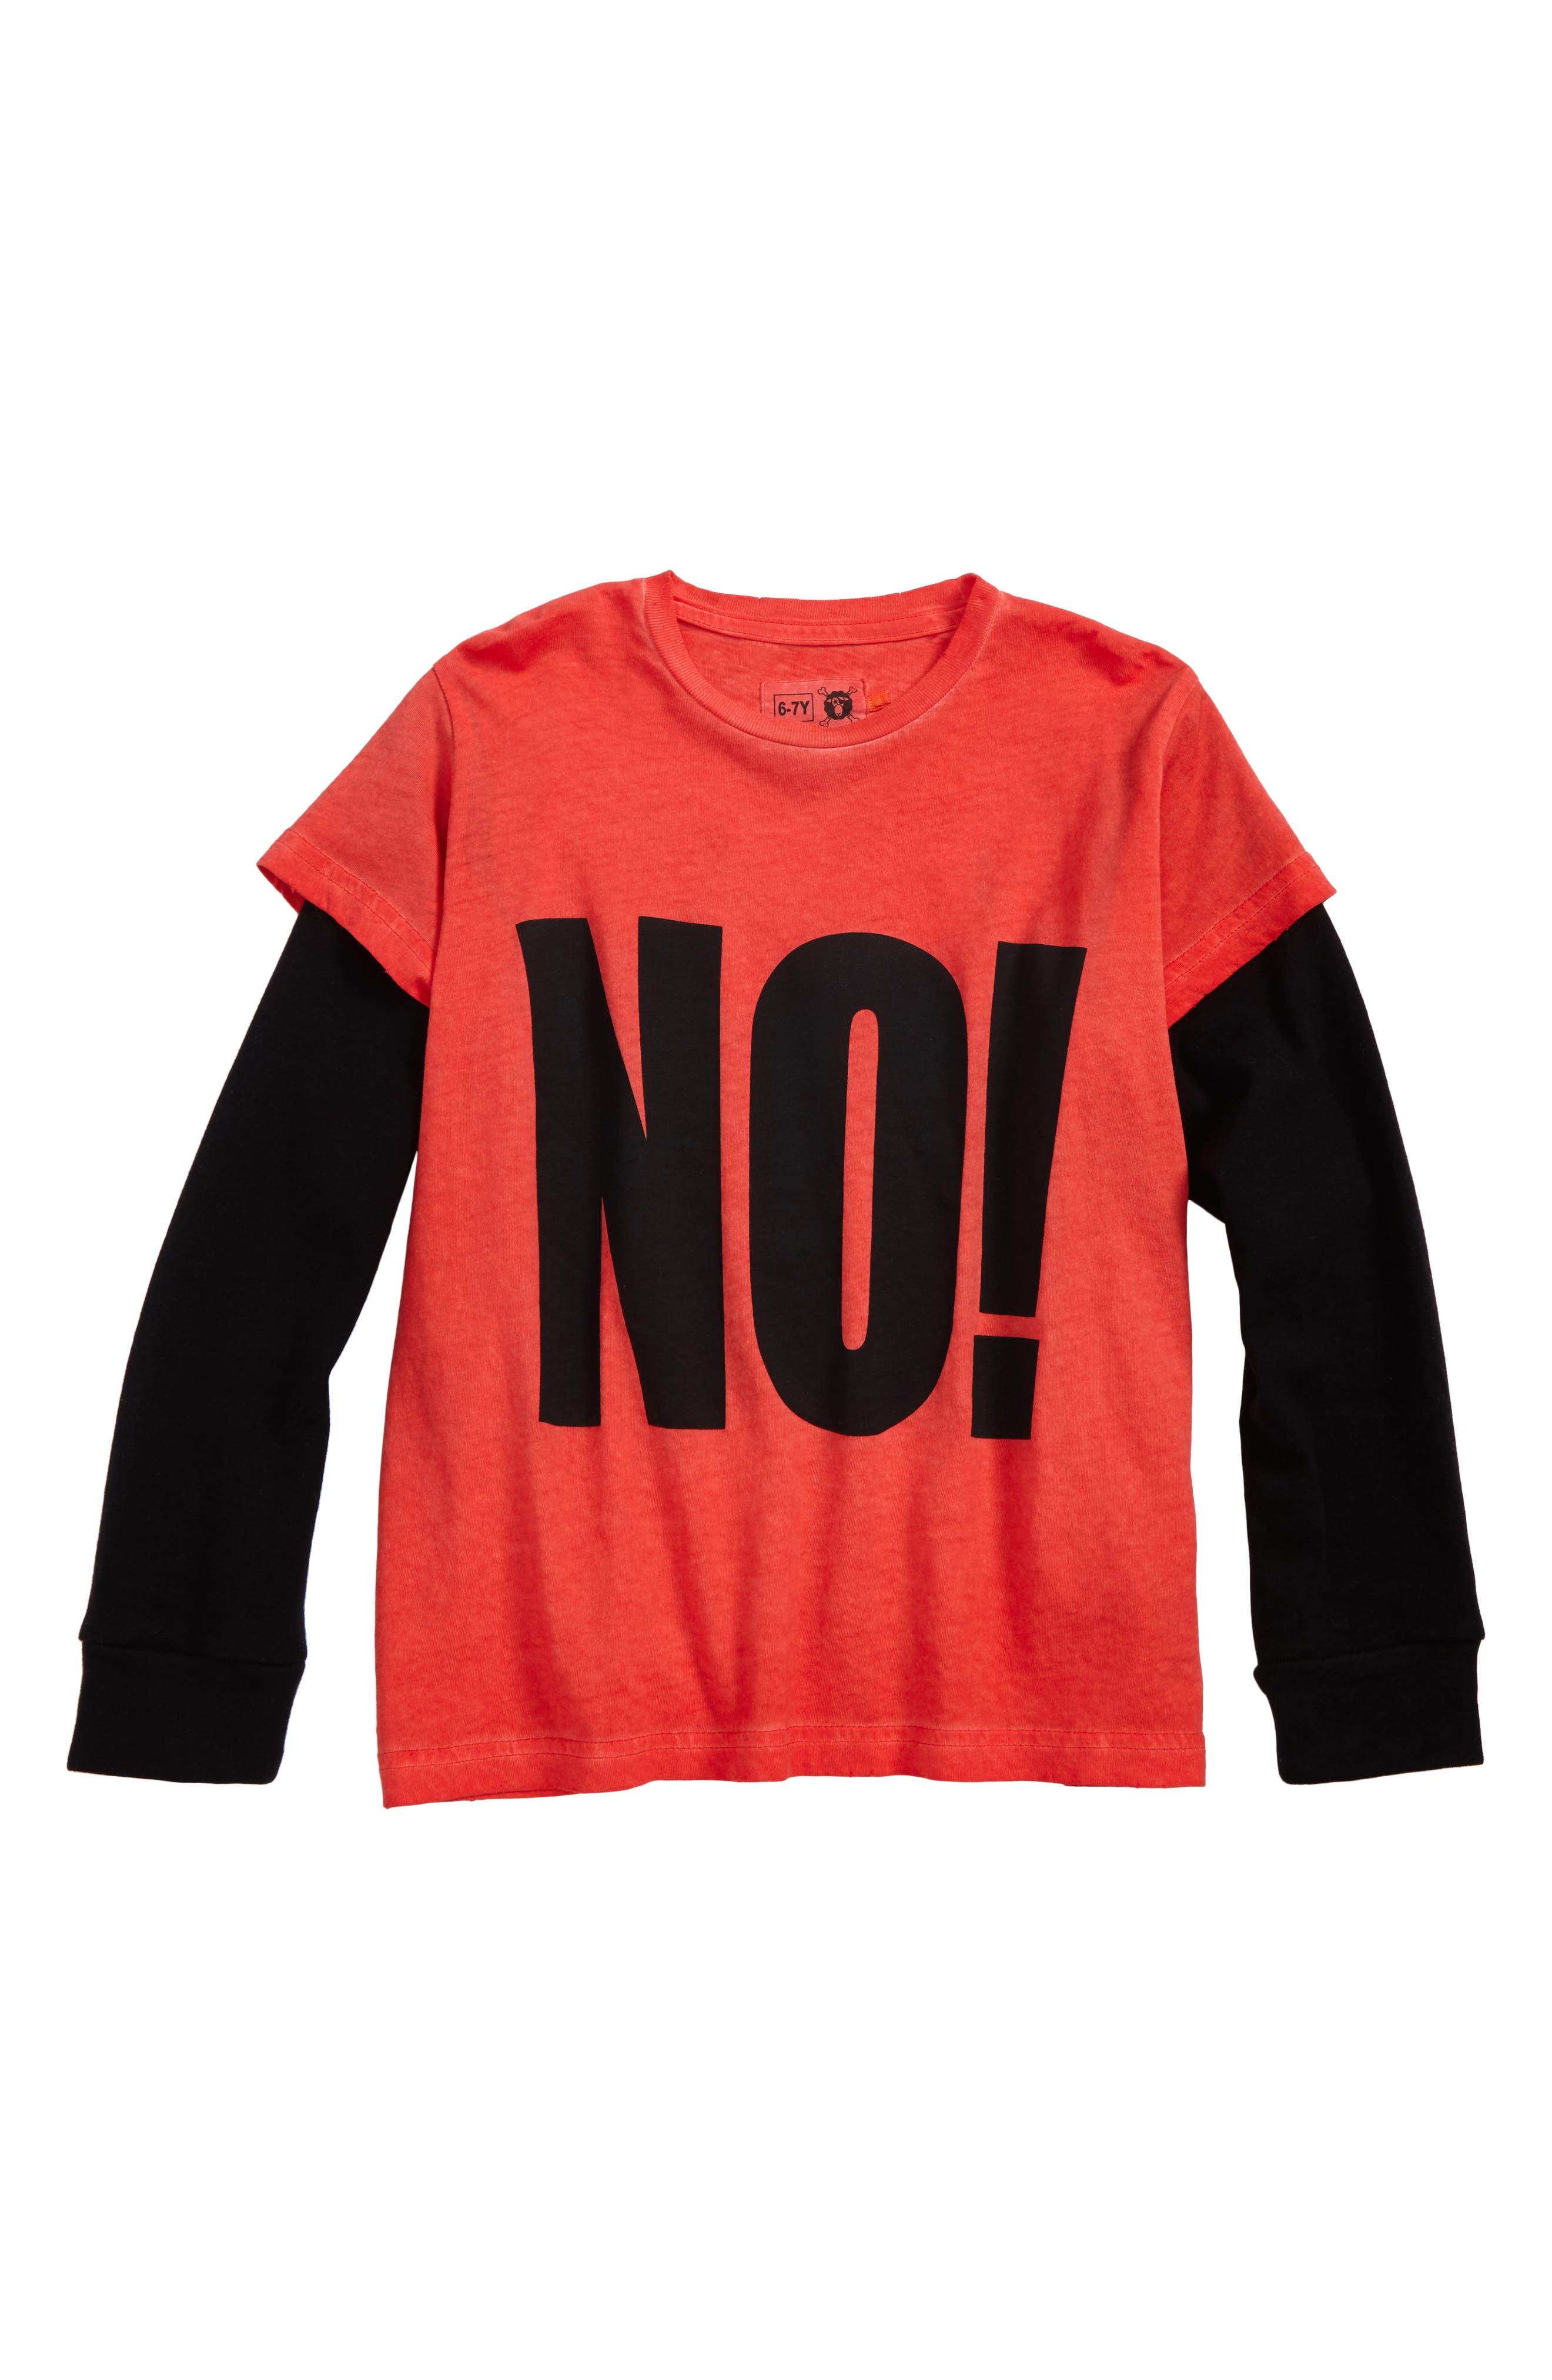 No! Graphic T-Shirt,                             Main thumbnail 1, color,                             600